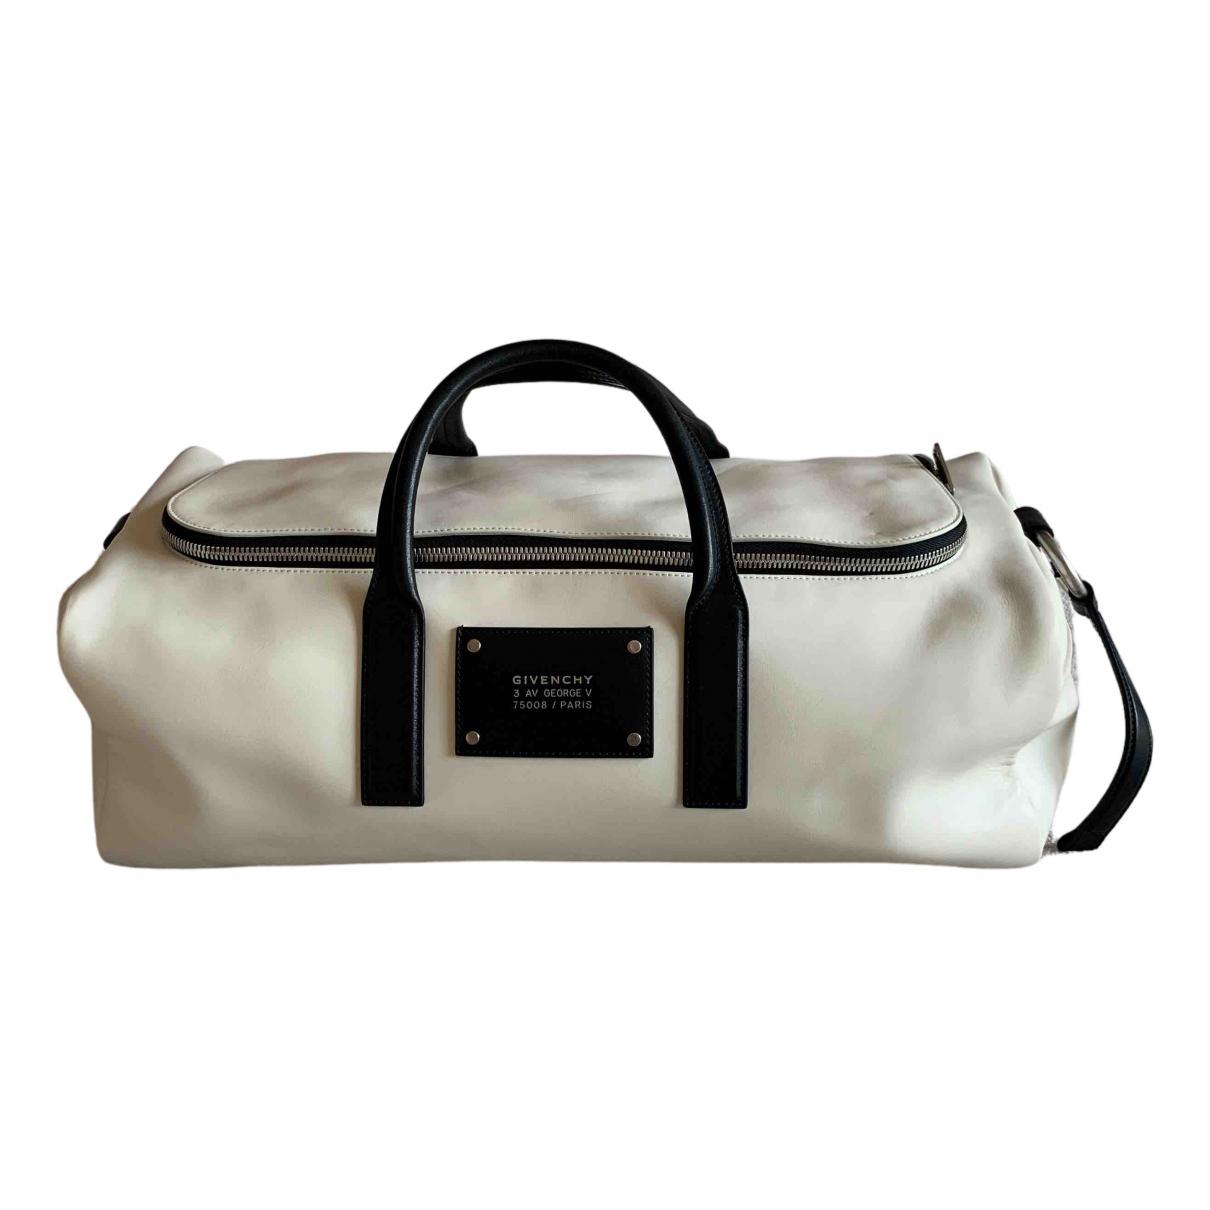 Givenchy - Sac de voyage   pour femme en cuir - blanc